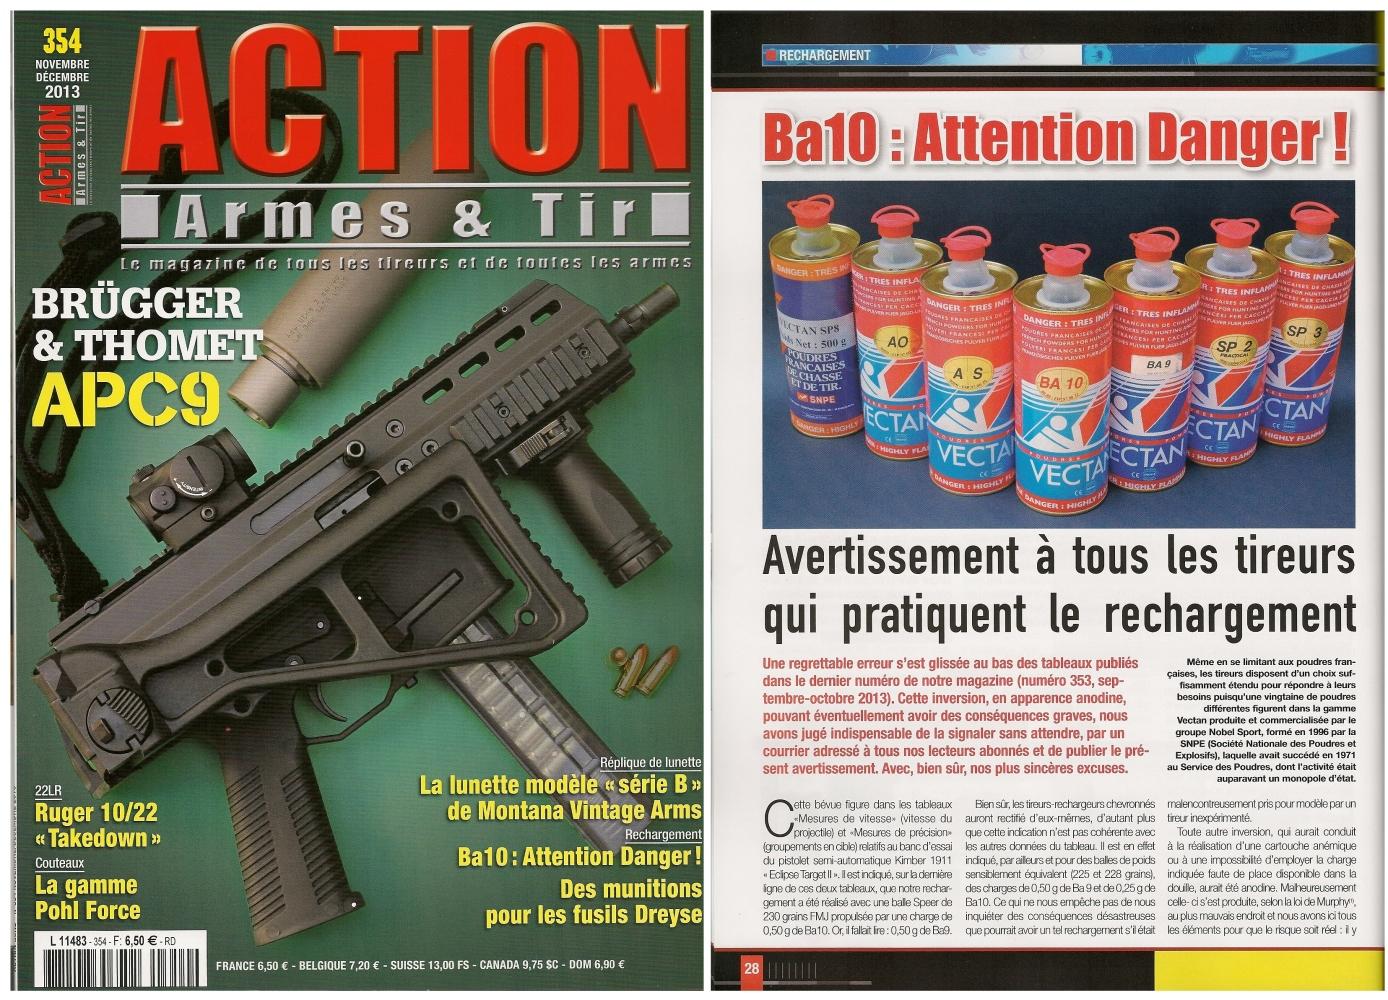 L'article « Ba10 : Attention Danger ! » a été publié sur 3 pages dans le magazine Action Armes & Tir n°354 (novembre-décembre 2013)